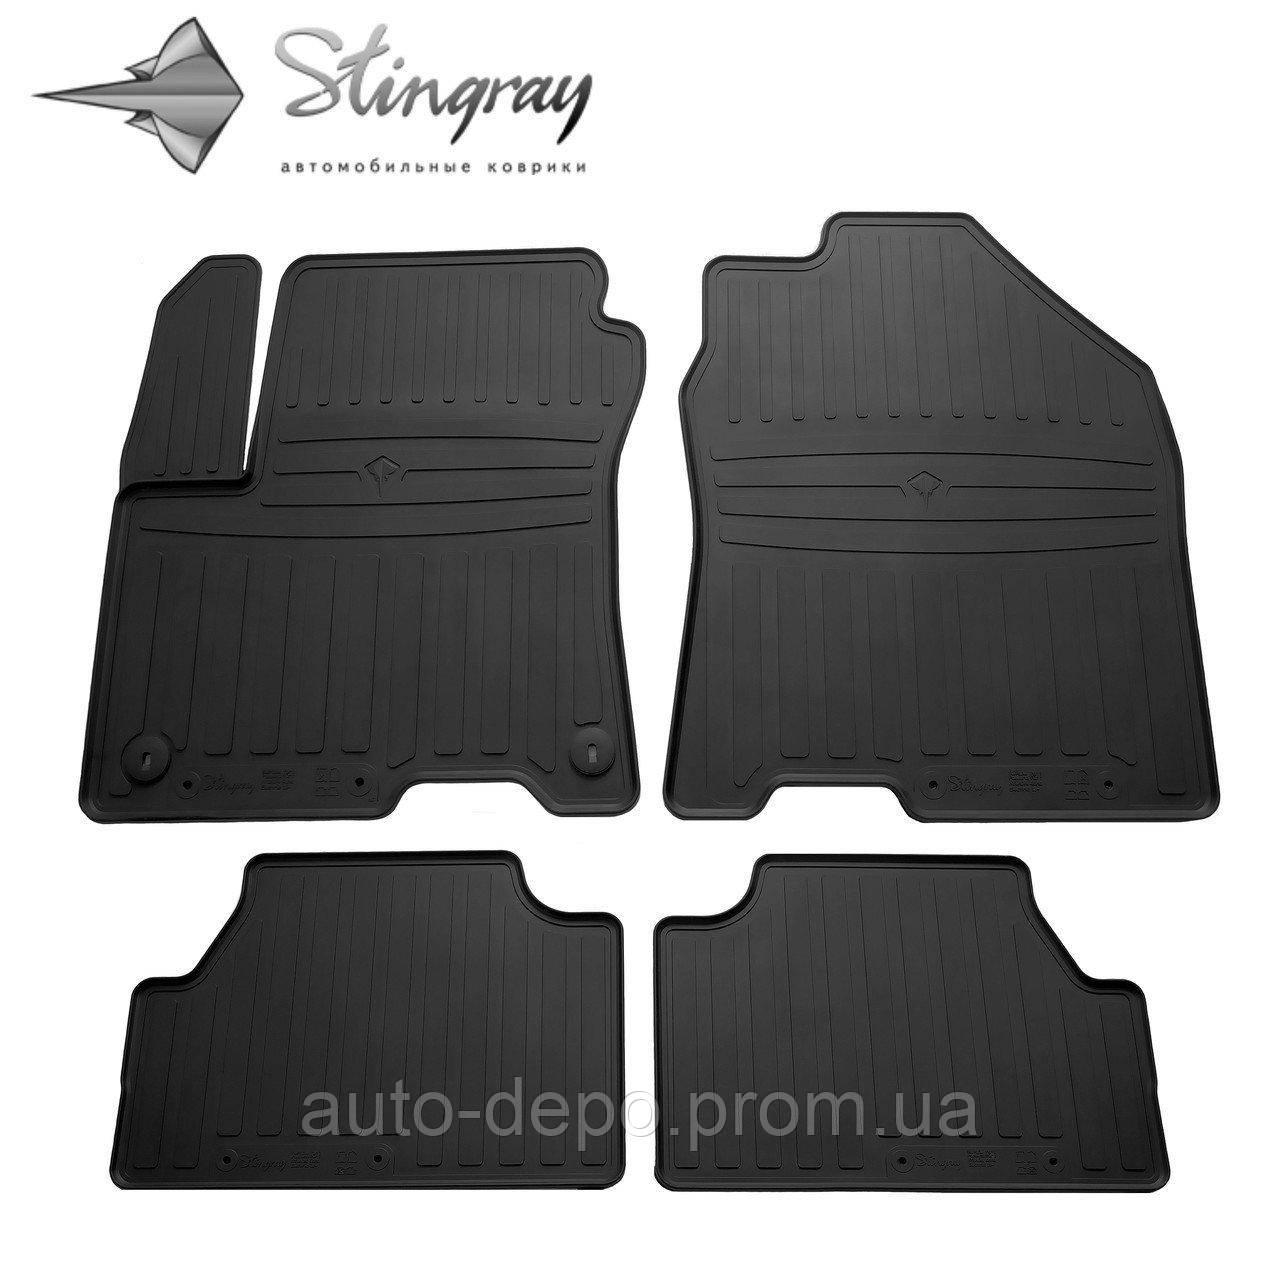 Автомобільні килимки Hyundai Kona Electric 2018 - Stingray